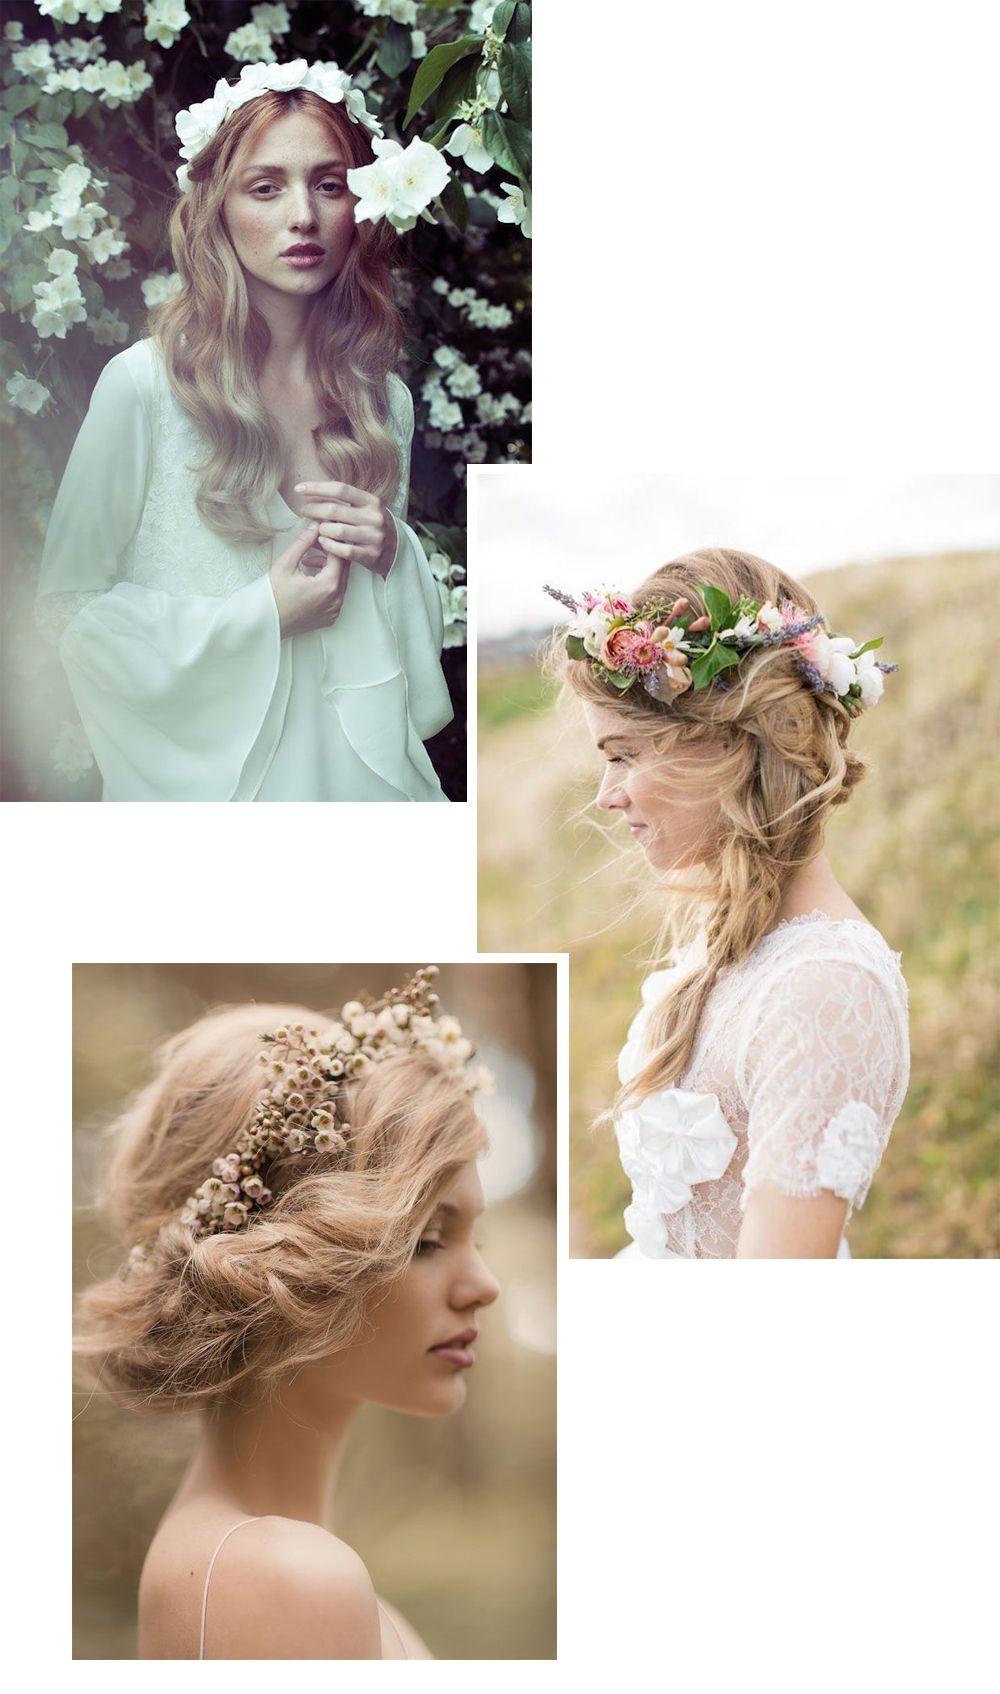 Colorelle modeblogg Tips; klänningar till bröllop